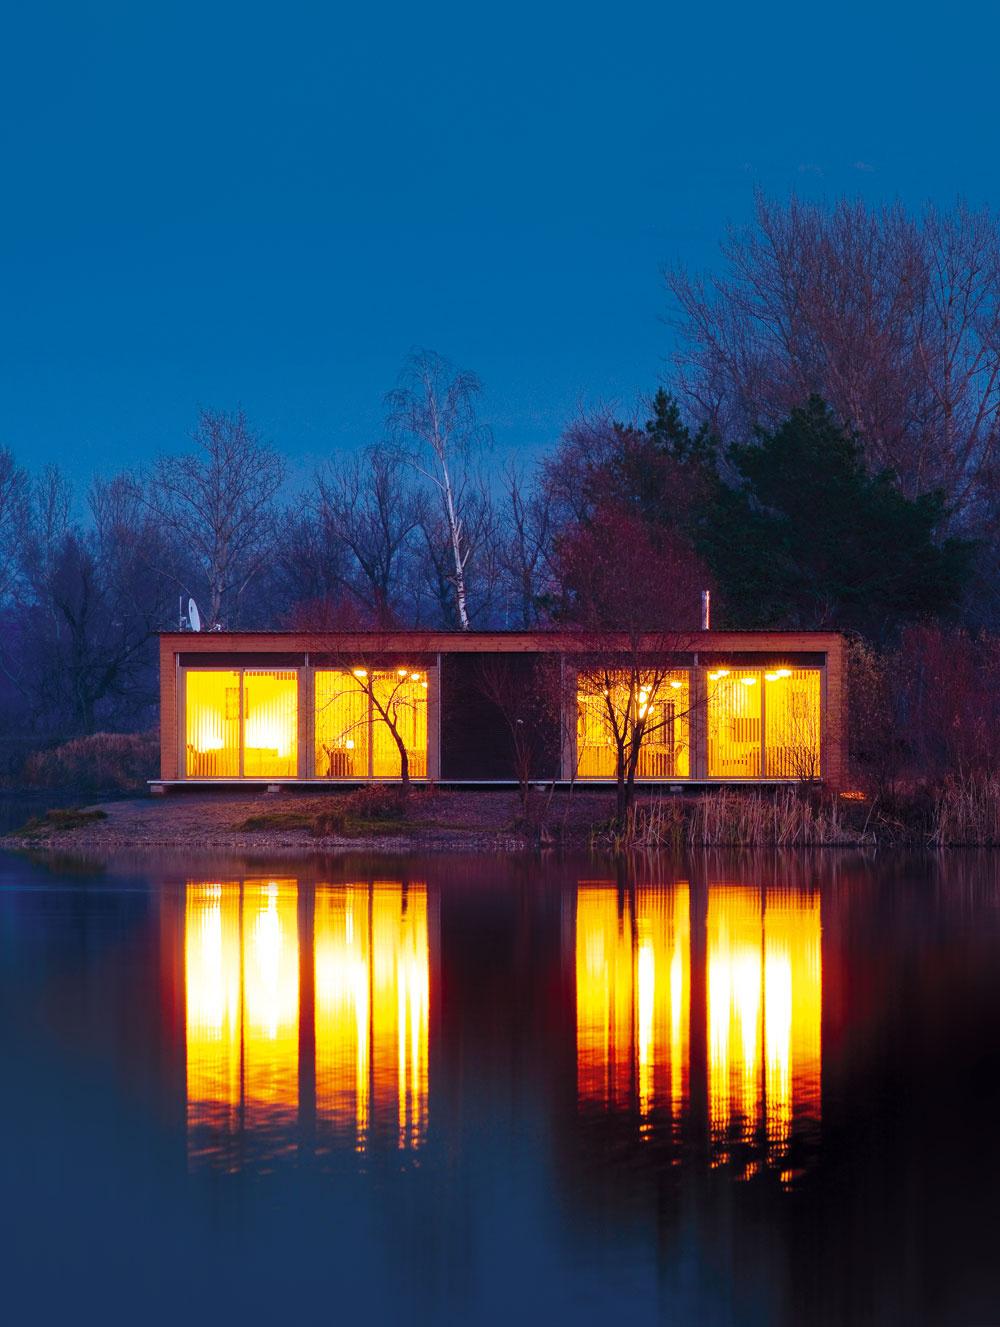 Zoči-voči chate, plaviac sa loďkou kostrovčekom alebo hľadiac zprotiľahlého brehu zistíte, že chata má aj vyhranenú tvár. Tabule zo skla vpúšťajú obrazy jazera do spální aobývačky. Večer sa cez zasklené priečelie leje svetlo chaty do vodných hlbín.